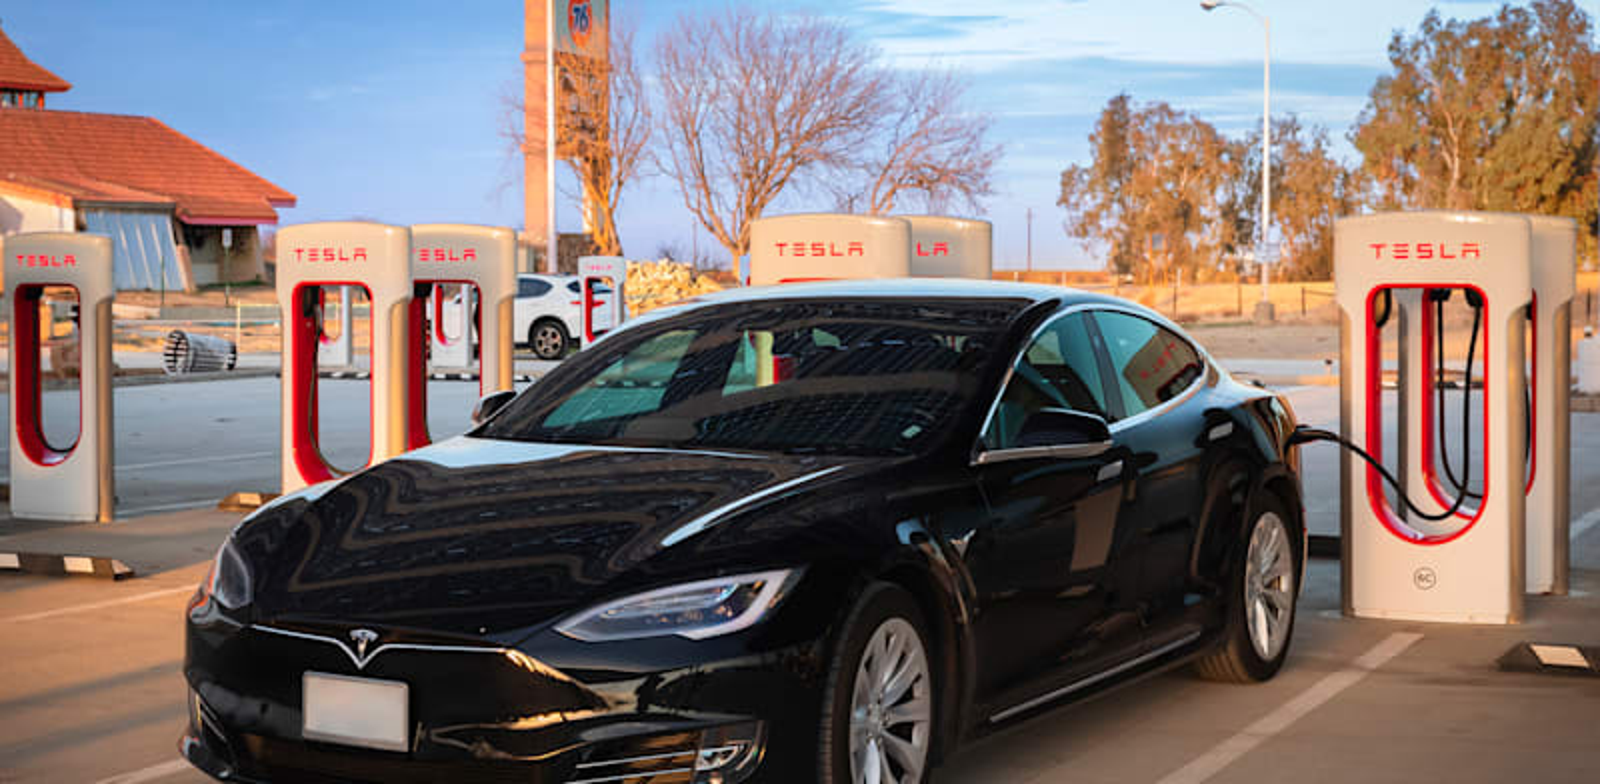 מכונית טסלה בטעינה בקליפורניה. בישראל כלי רכב חשמליים הם מיעוט ייחודי / צילום: Shutterstock